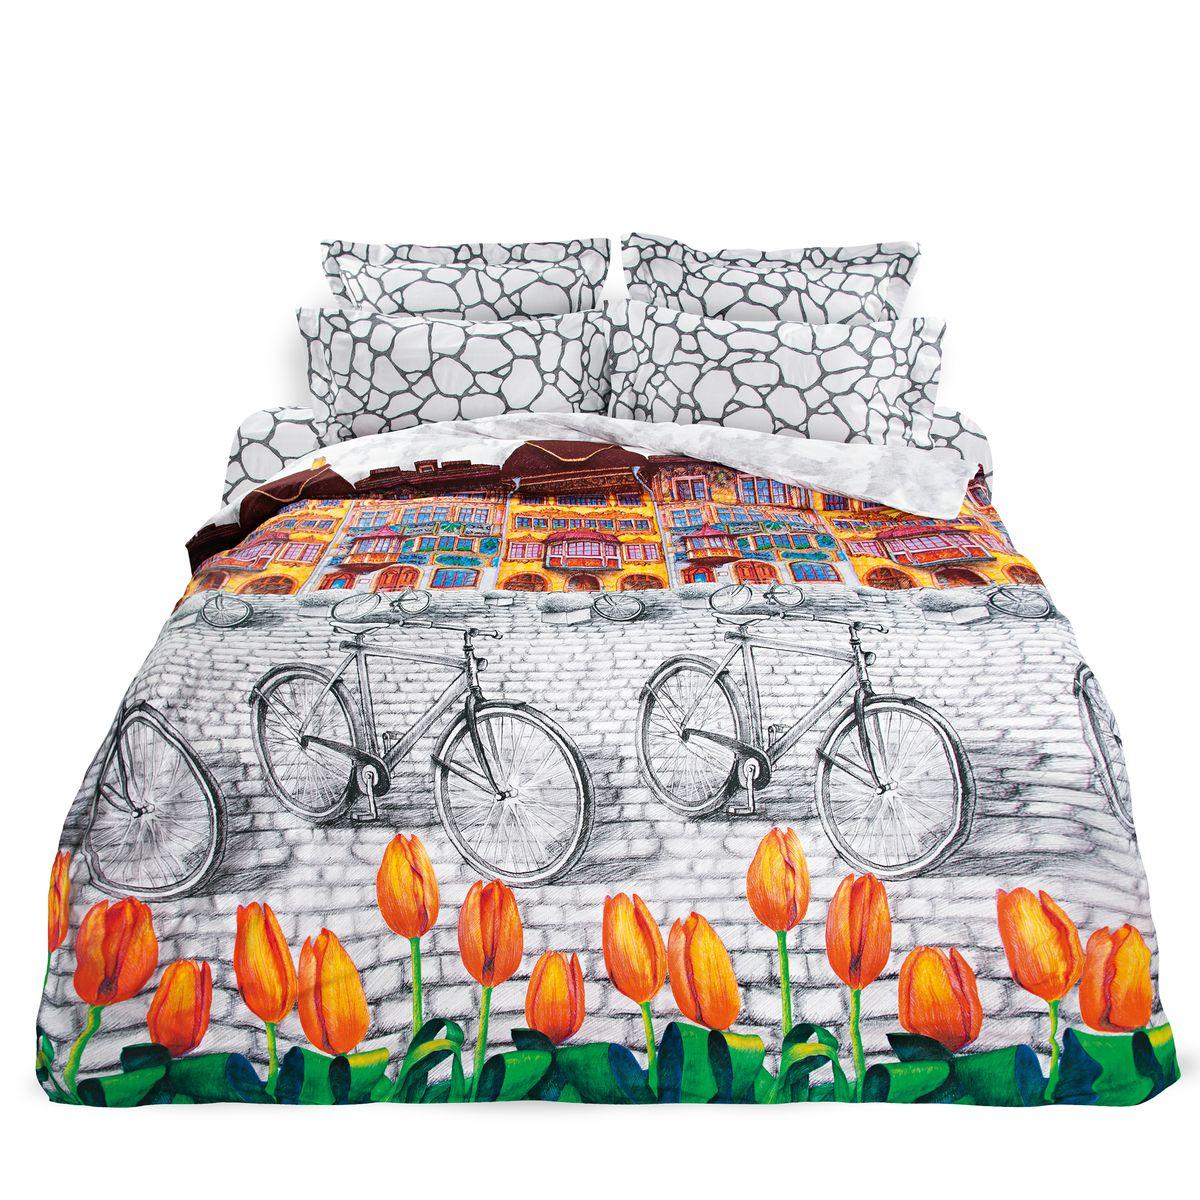 Комплект белья Унисон Голландский уголок, 2-х спальное, наволочки 70 x 70, цвет: белый. 276907276907